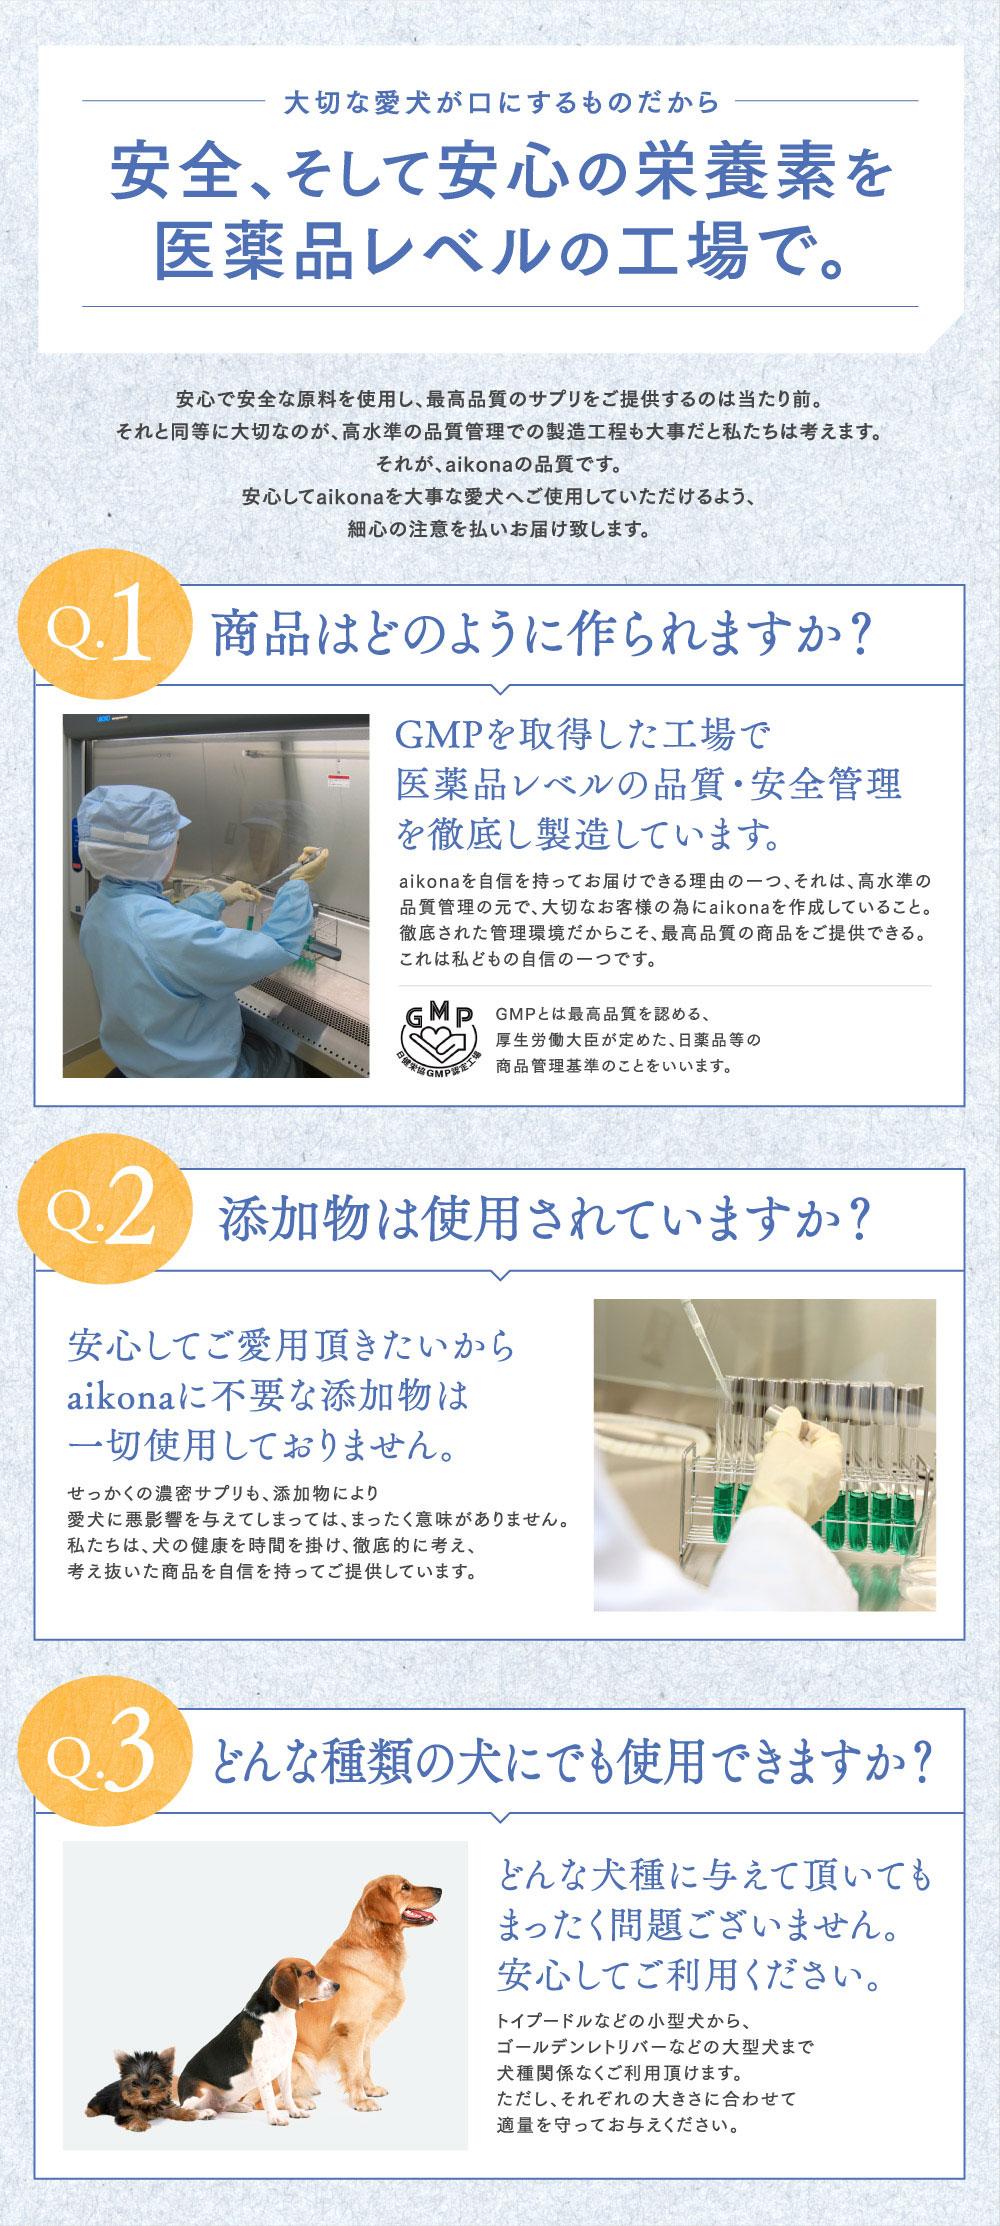 安全、そして安心の栄養素を医薬品レベルの工場で